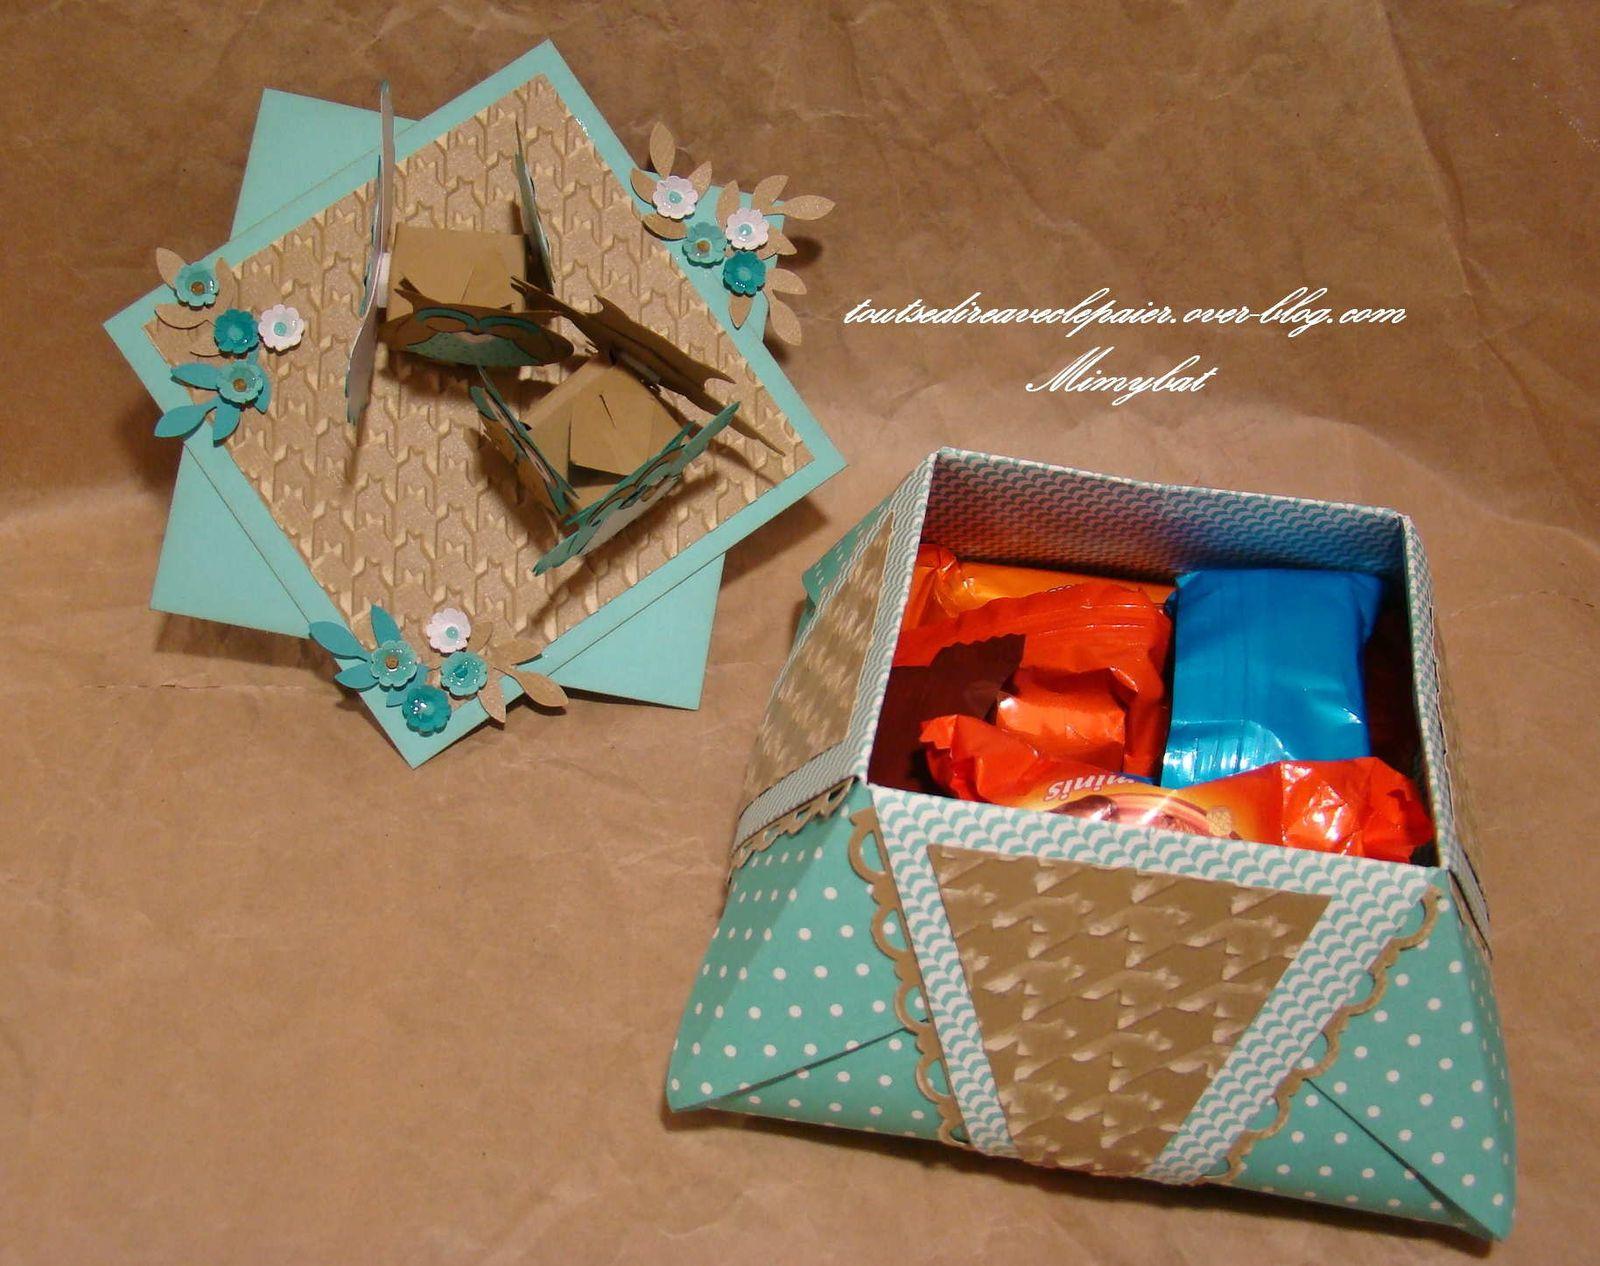 Et encore des chocolatss...du coup, elle a pu partager avec sa petite famille, aussi gourmande qu'elle !